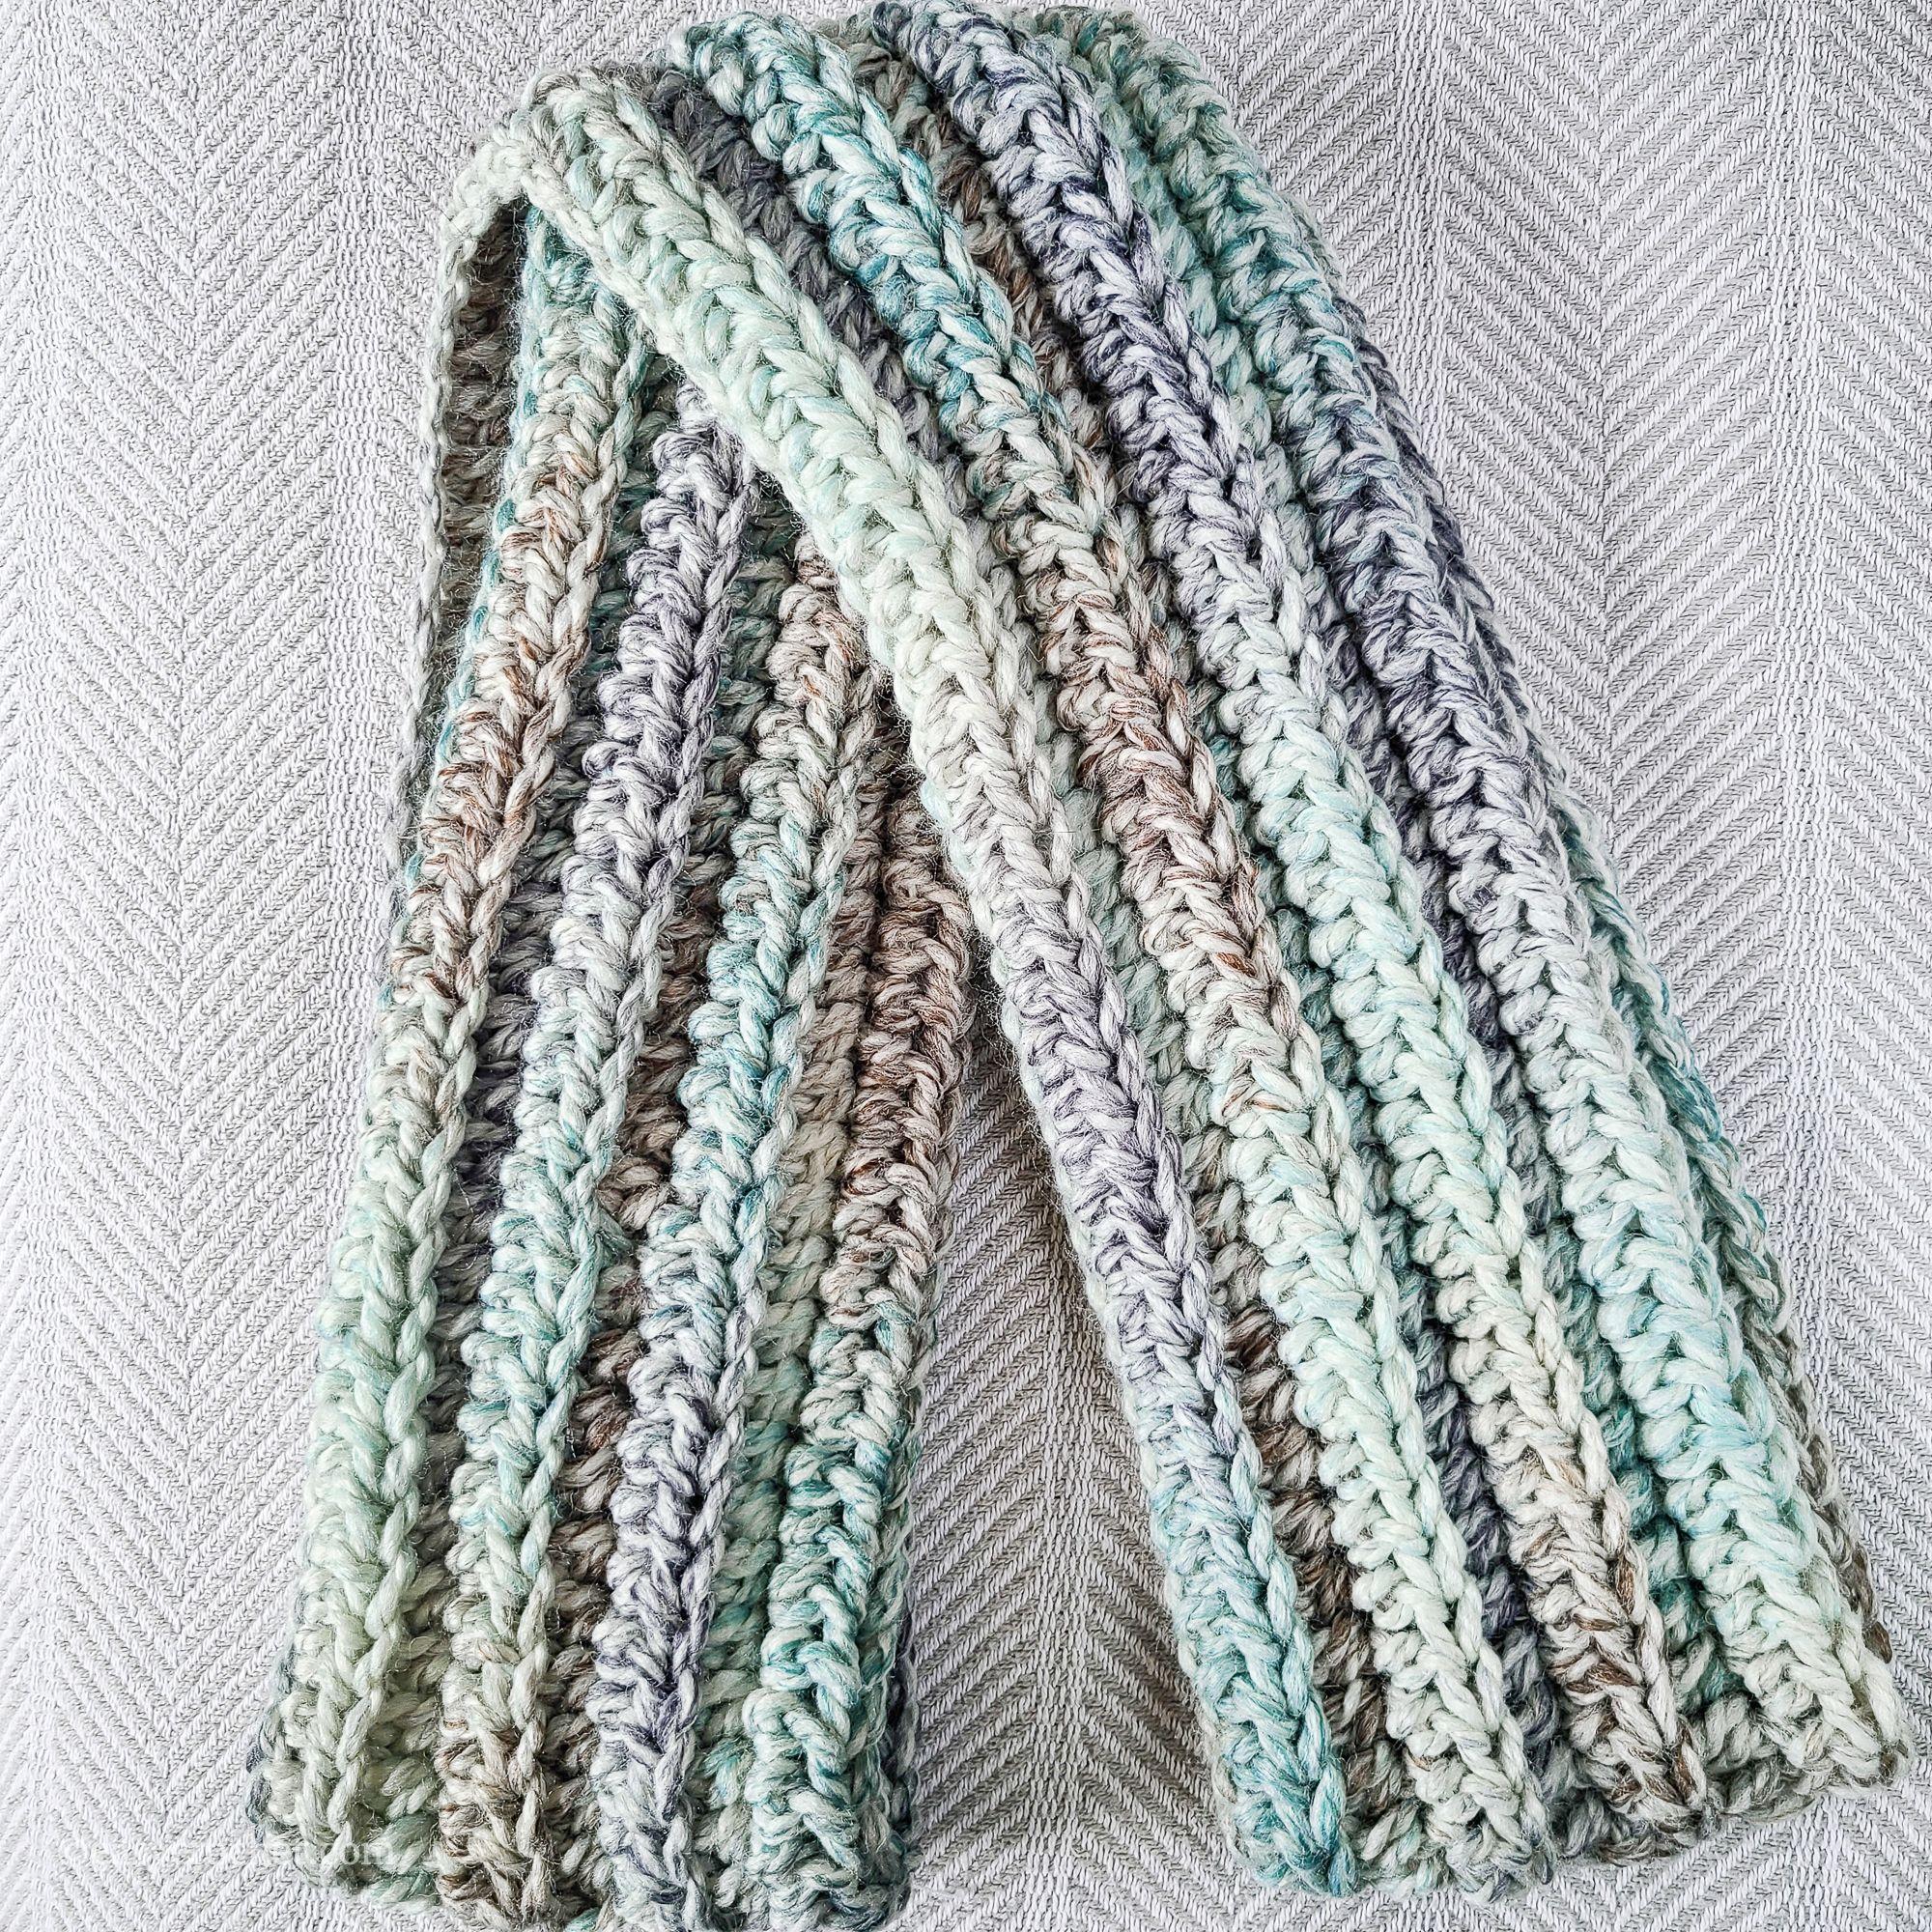 Half Double Crochet Infinity Scarf Pattern In 2020 Crochet Infinity Scarf Pattern Crochet Infinity Scarf Infinity Scarf Pattern